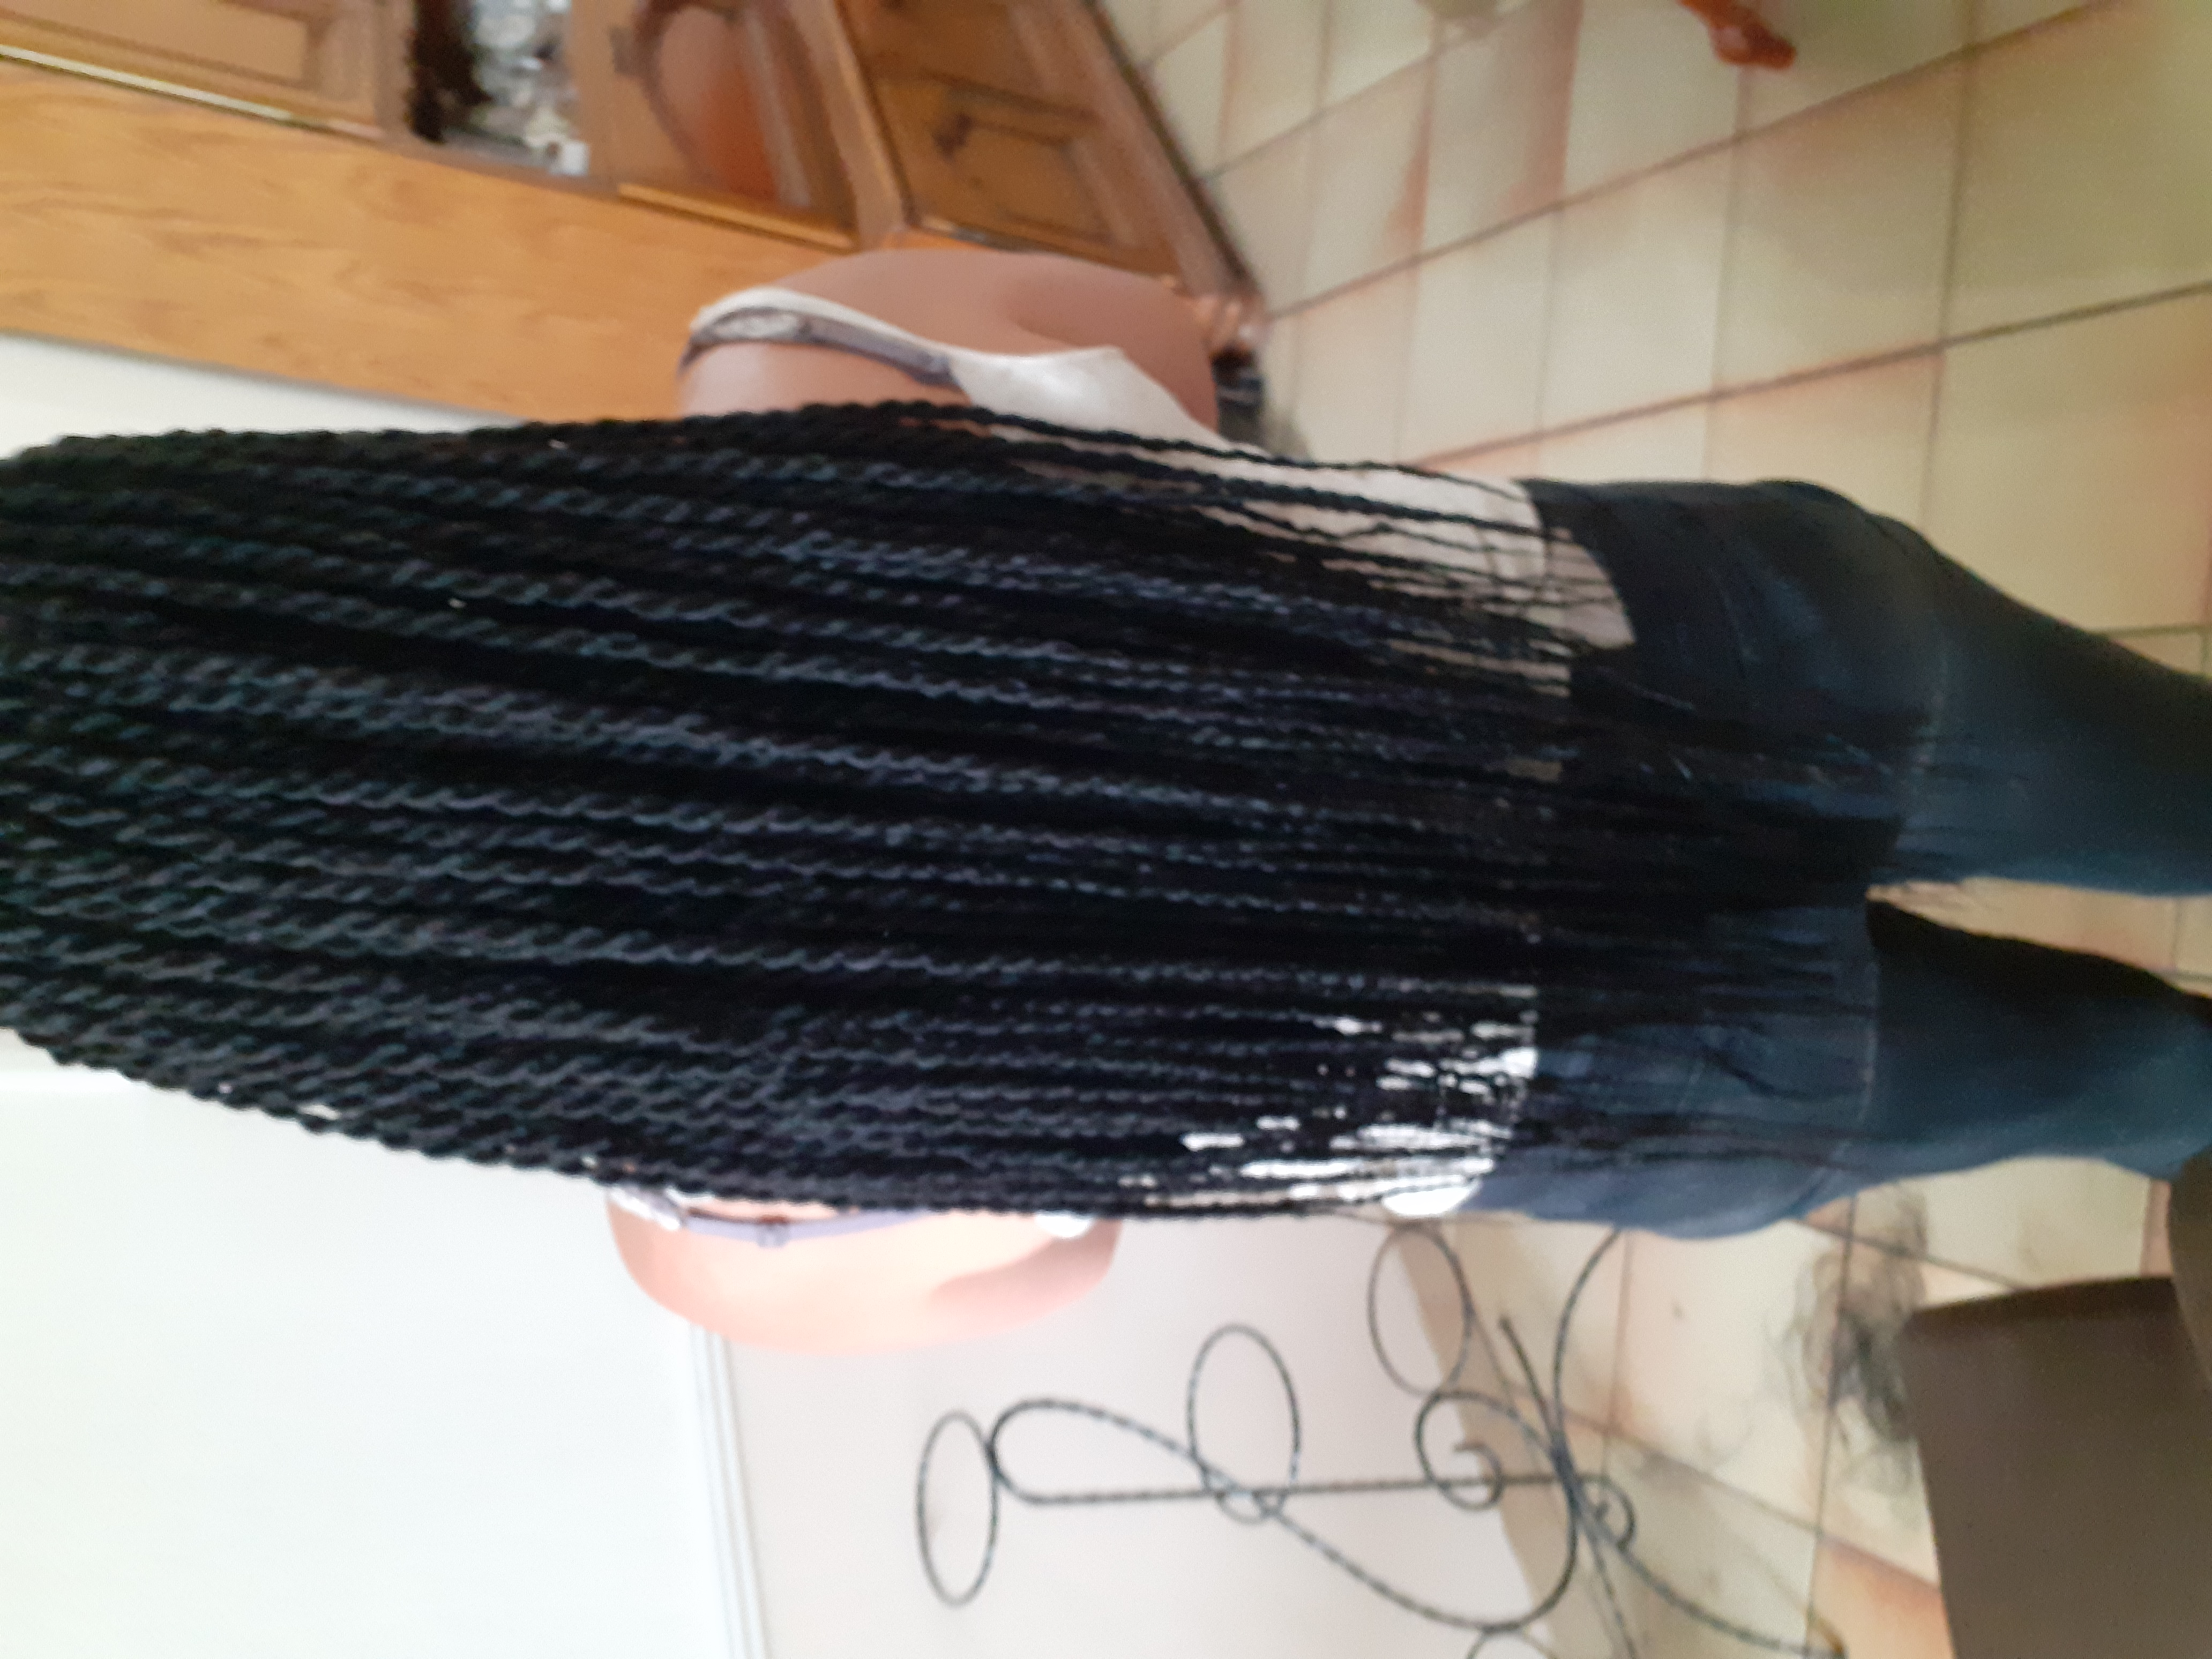 salon de coiffure afro tresse tresses box braids crochet braids vanilles tissages paris 75 77 78 91 92 93 94 95 ESSFYLAQ